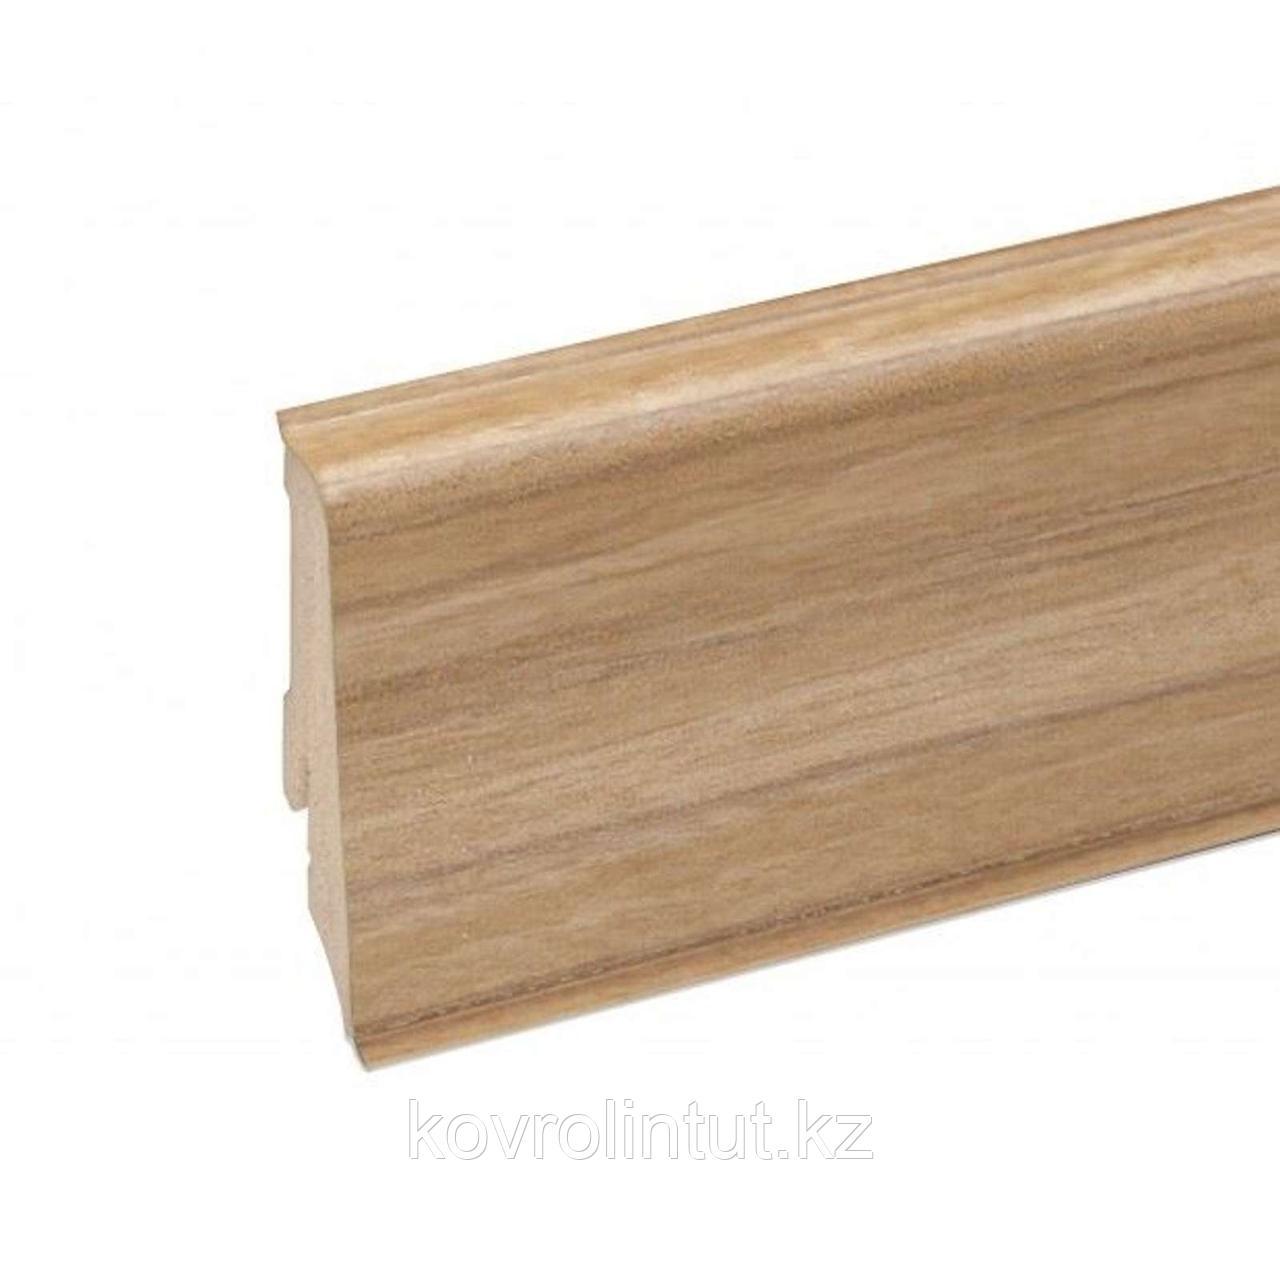 Плинтус композитный для LVT Neuhofer Holz, K0210L, 714452, 2400х59х17 мм